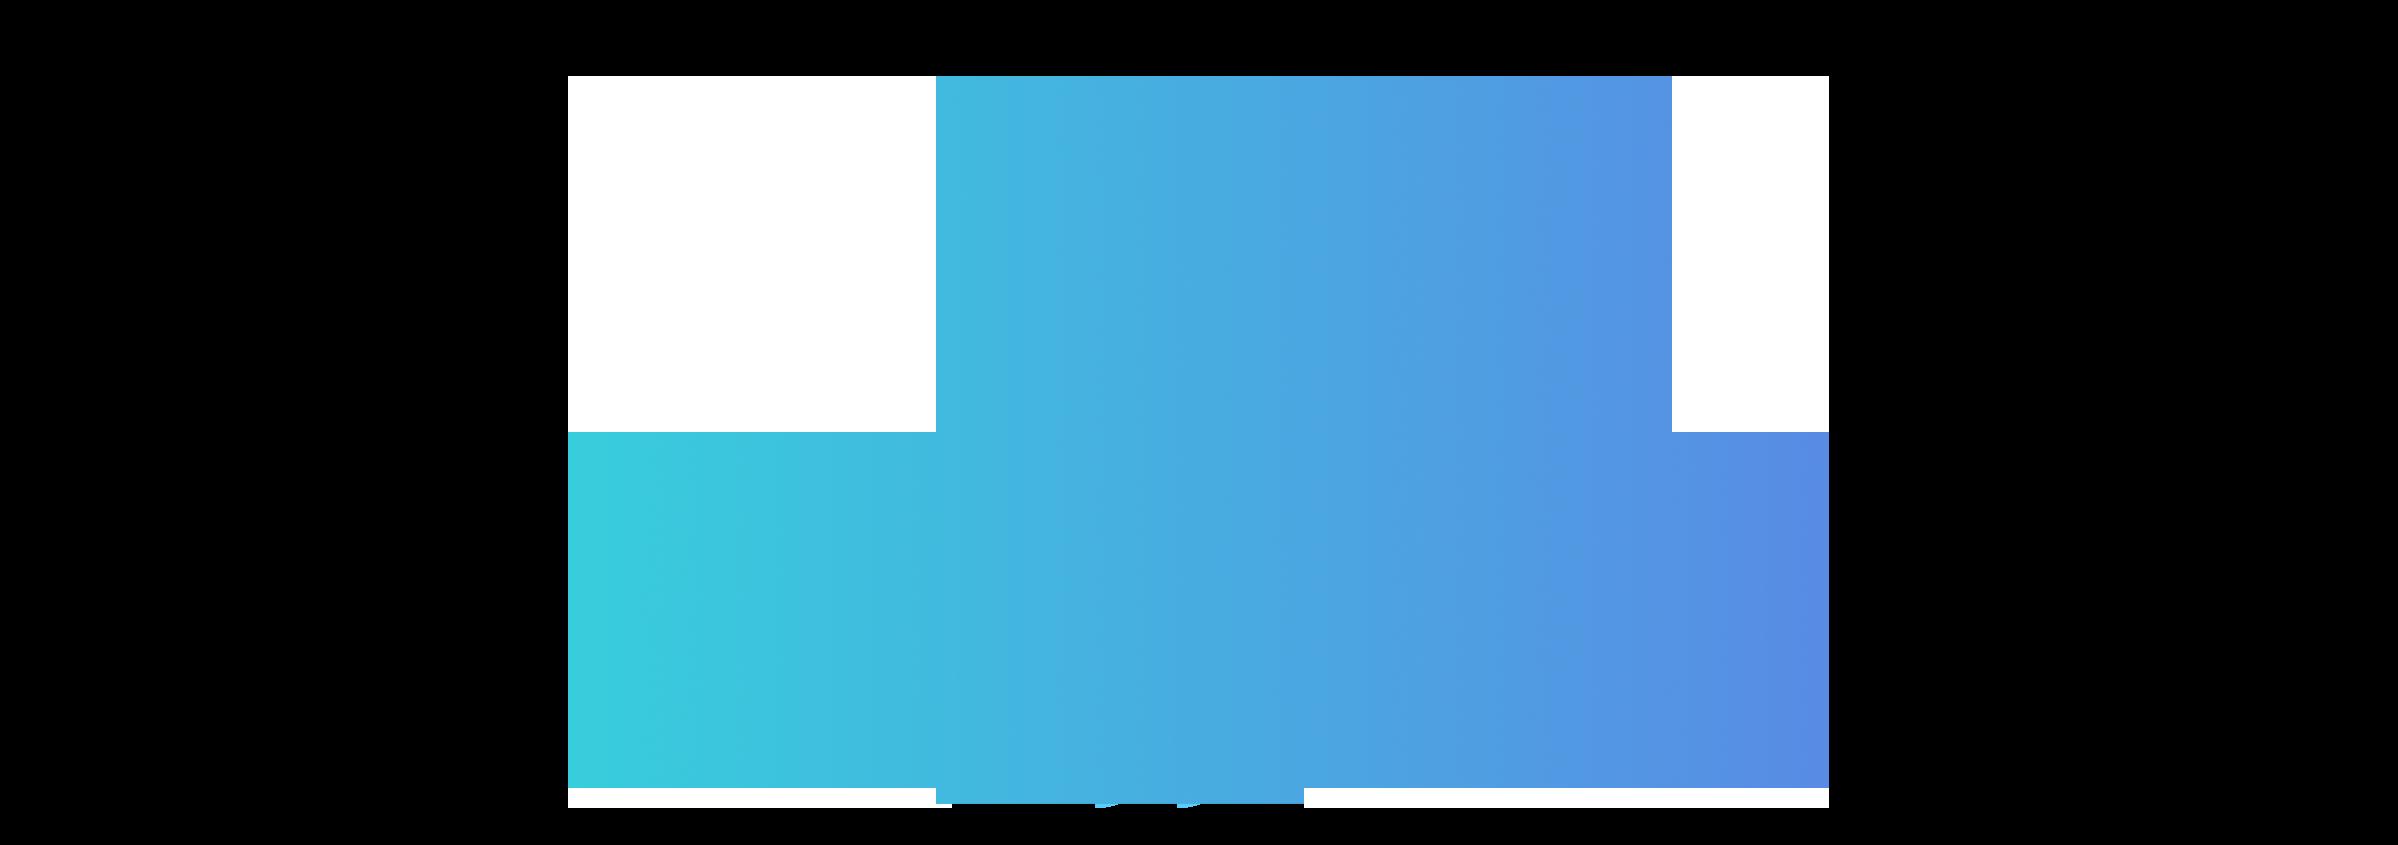 Clearpath Communications Audit